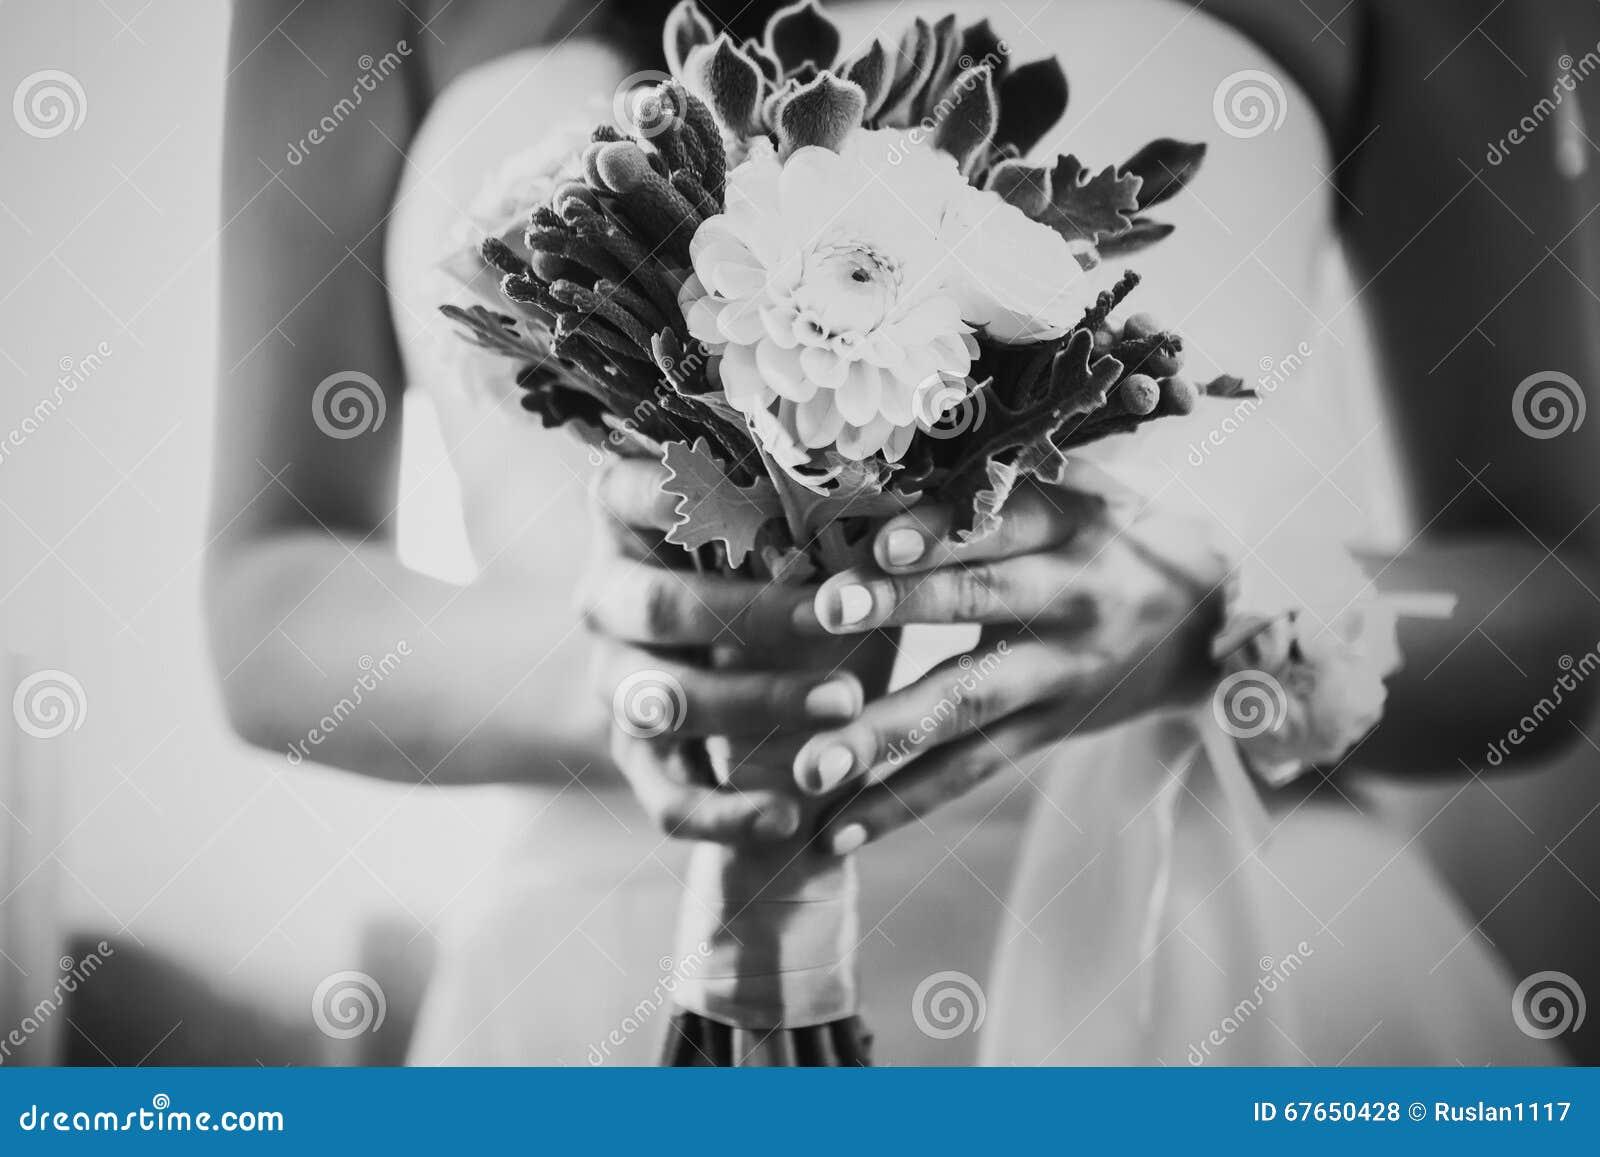 Black white photography beautiful wedding bouquet of flowers in black white photography beautiful wedding bouquet of flowers in hands the bride stock photo image of dress bracelet 67650428 mightylinksfo